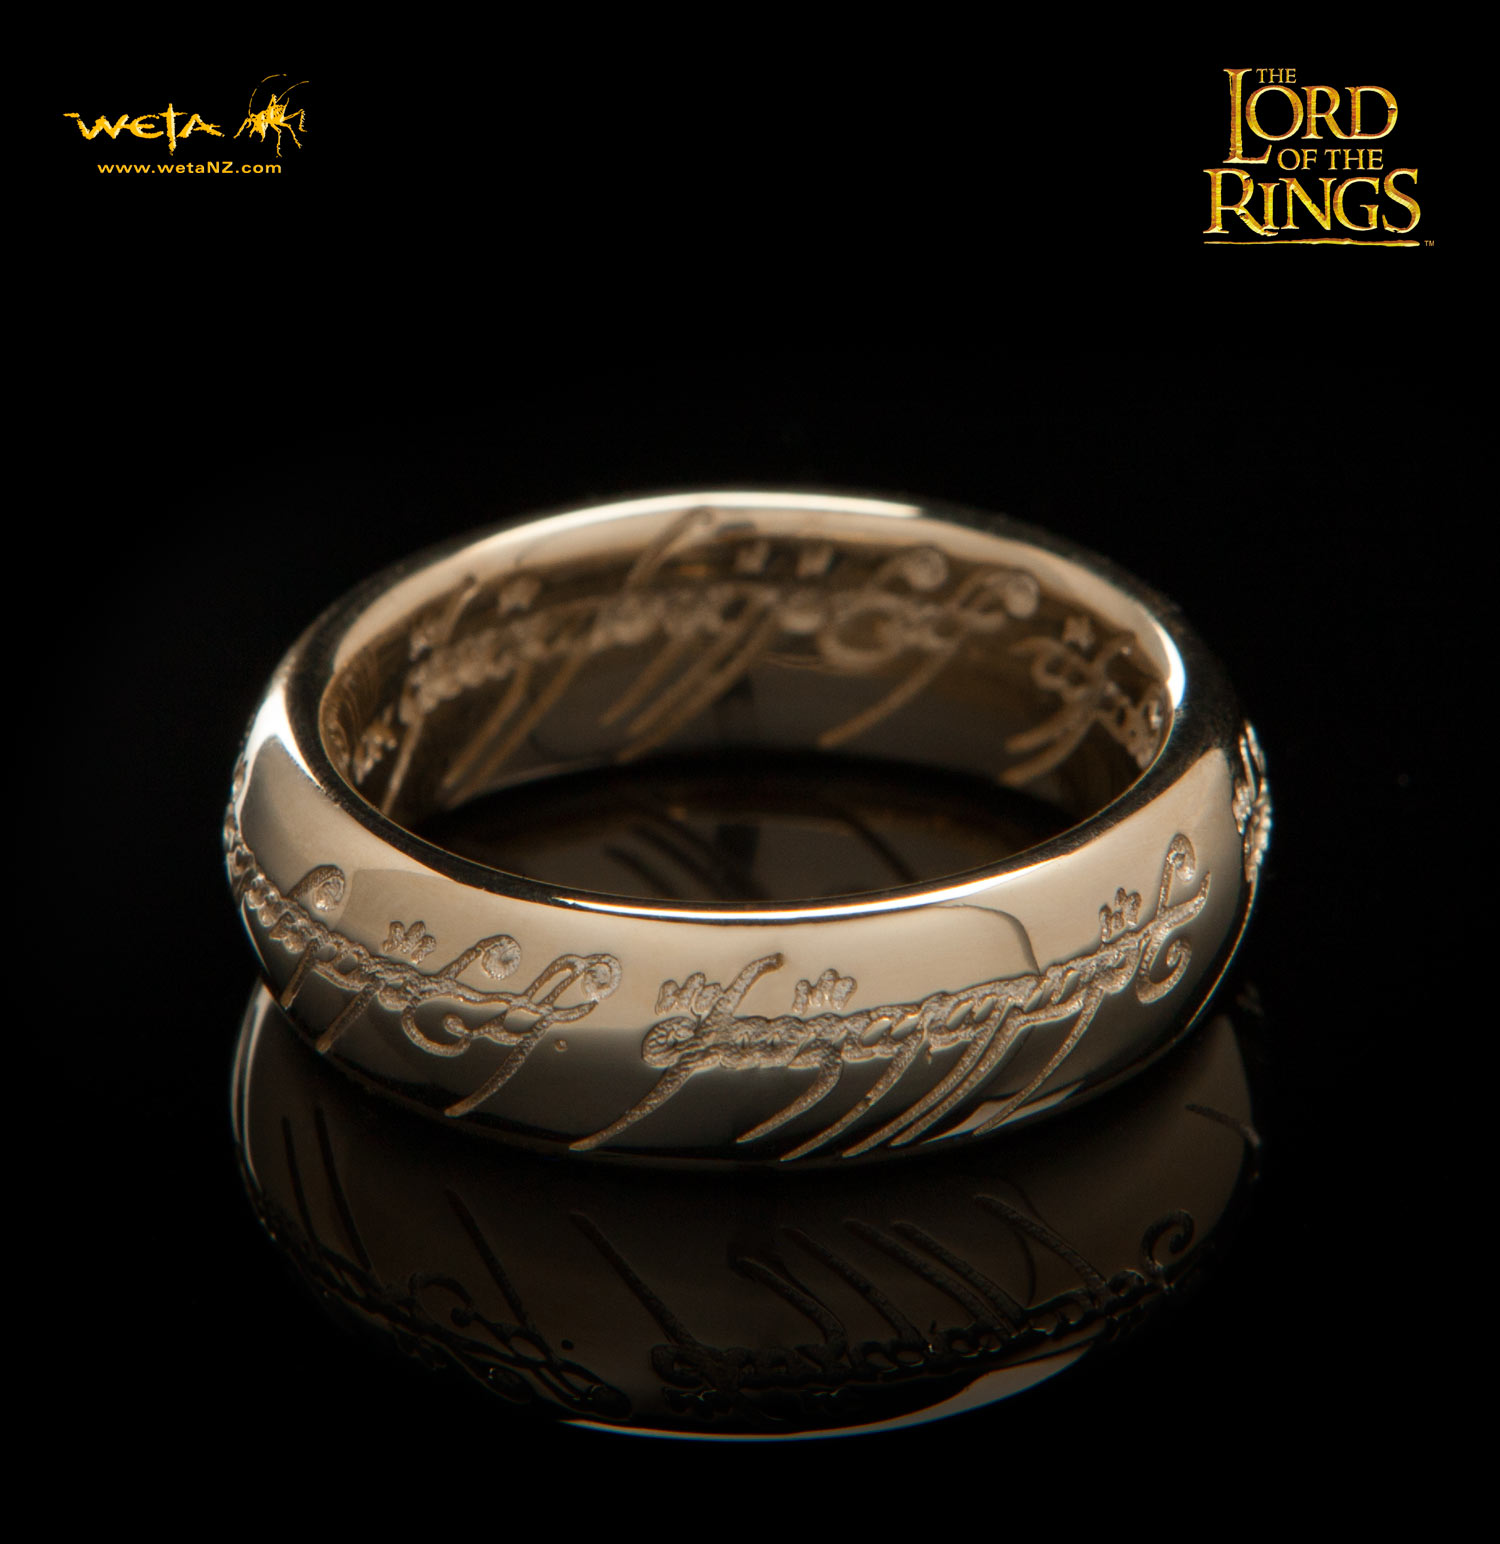 ロード・オブ・ザ・リング ひとつの指輪 10K純金(文字刻印あり)